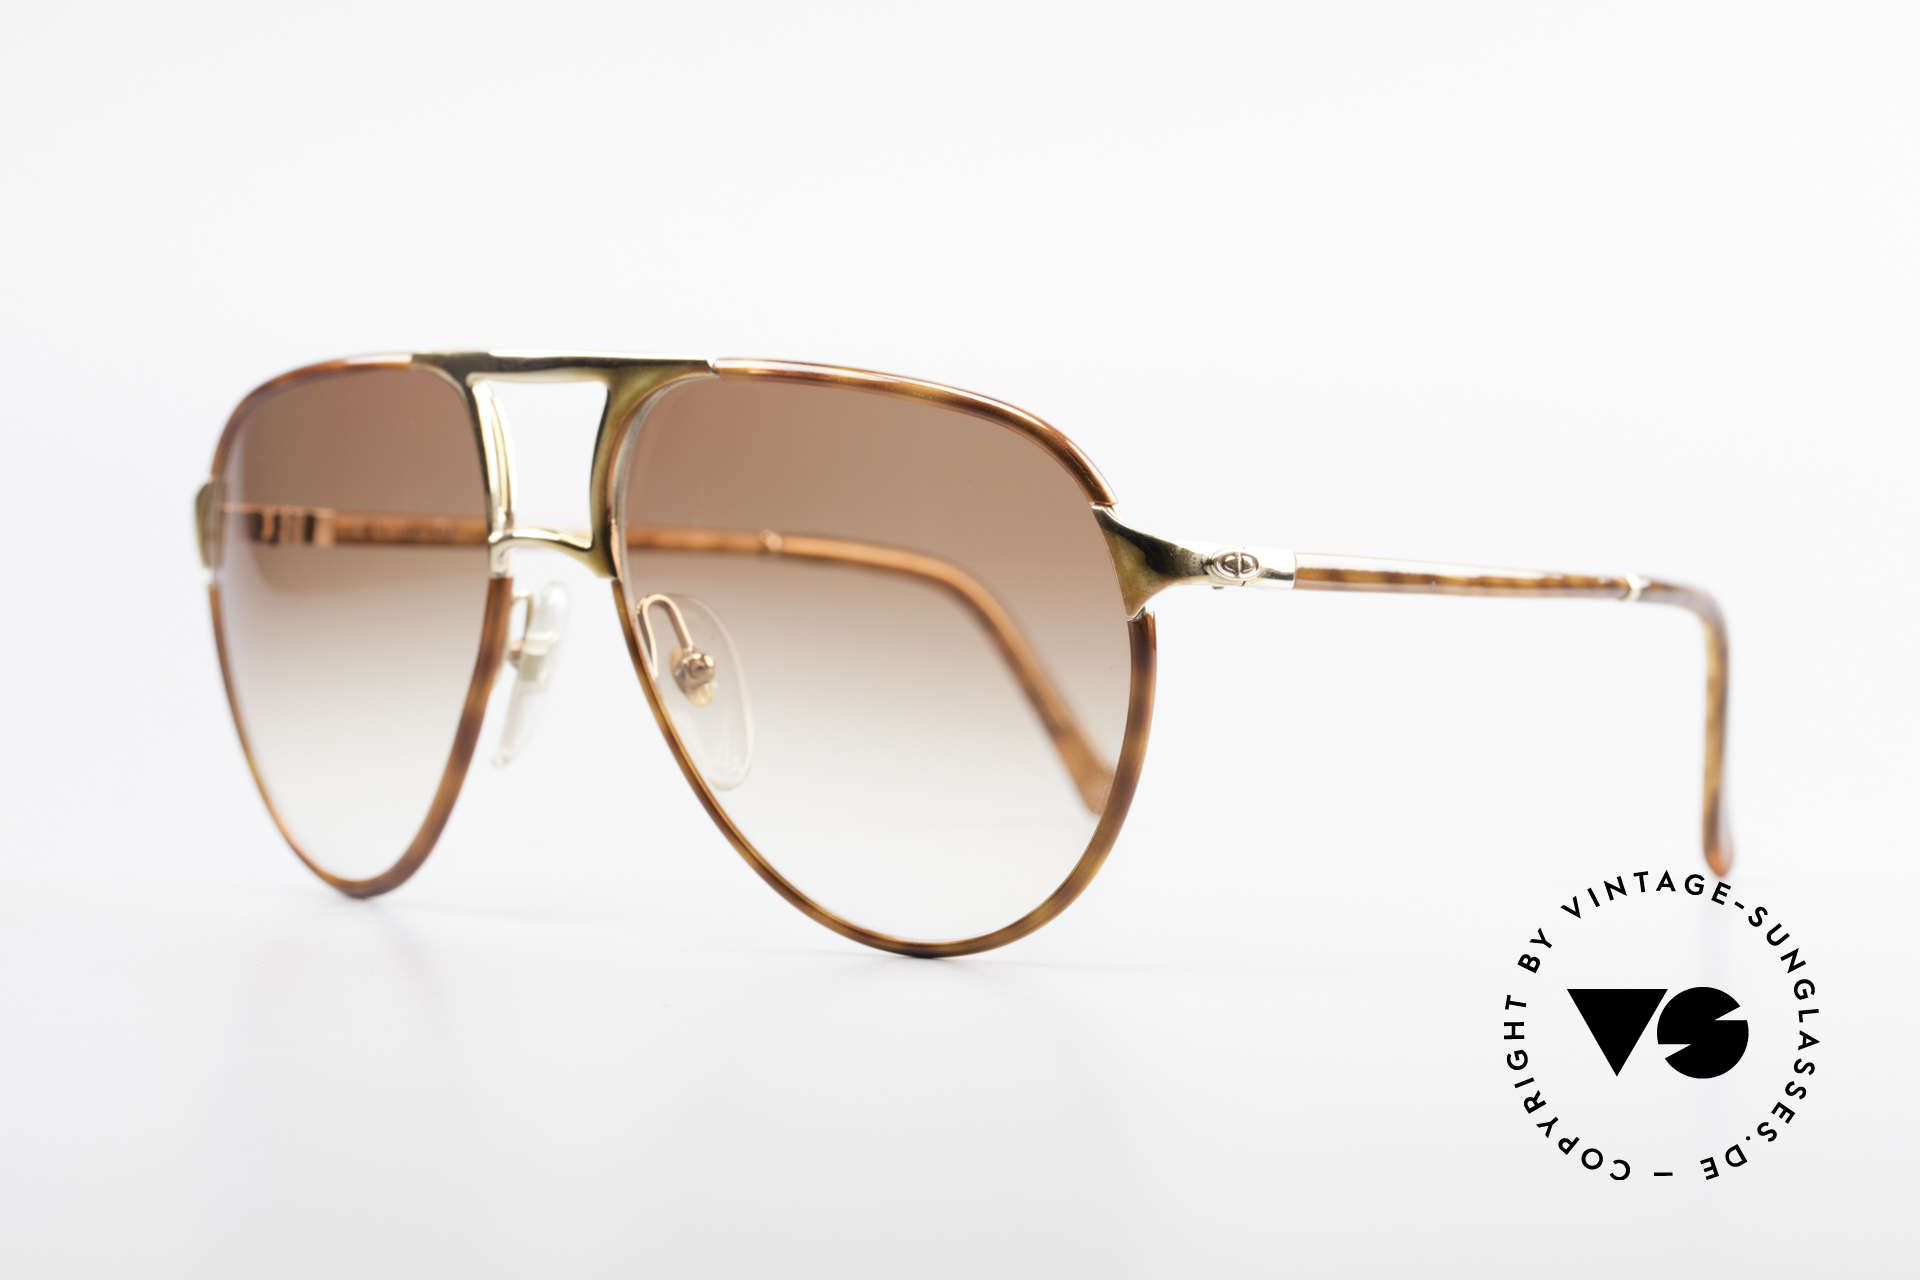 Christian Dior 2505 Designer Aviator Sonnenbrille, elegante Rahmengestaltung in hellem Schildpatt, Passend für Herren